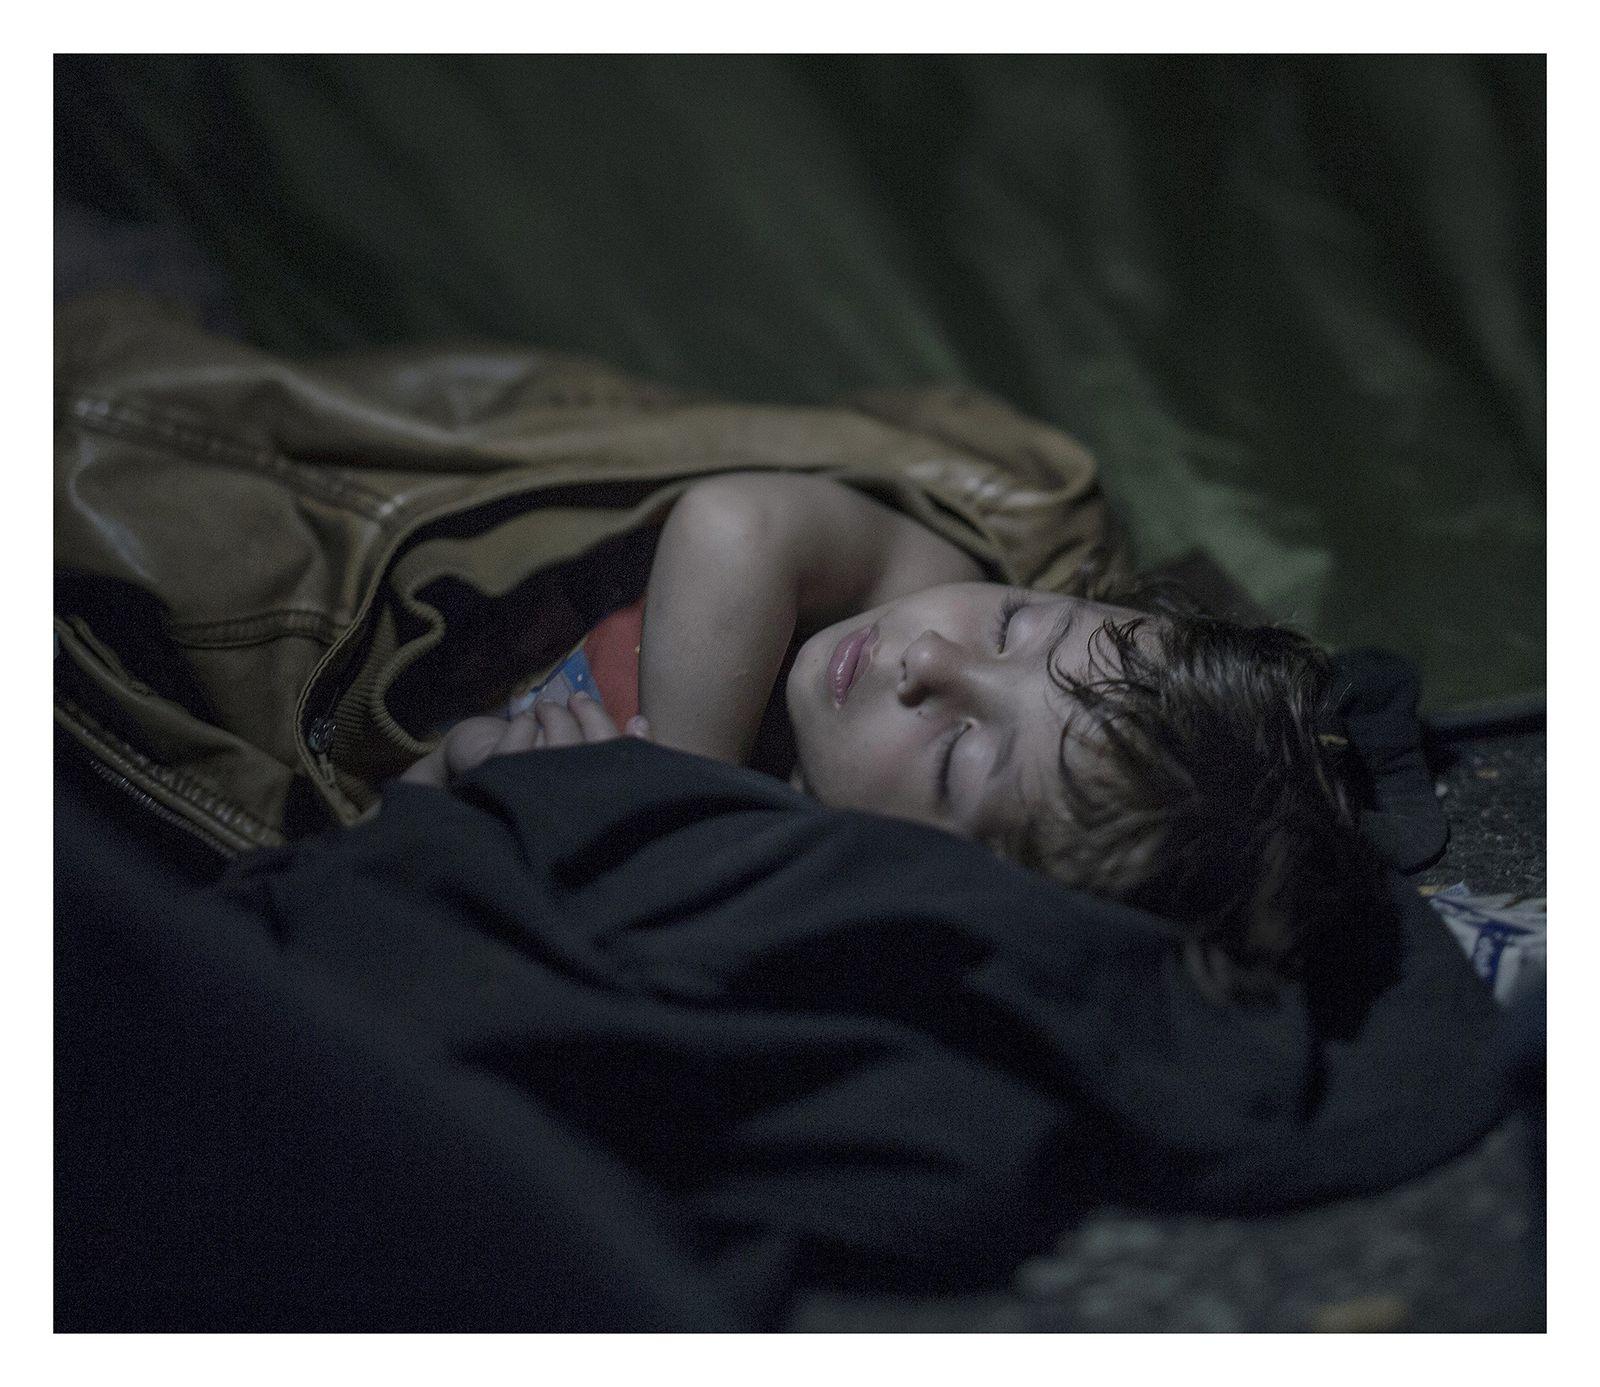 Troublantes photos d'enfants réfugiés dans leur sommeil